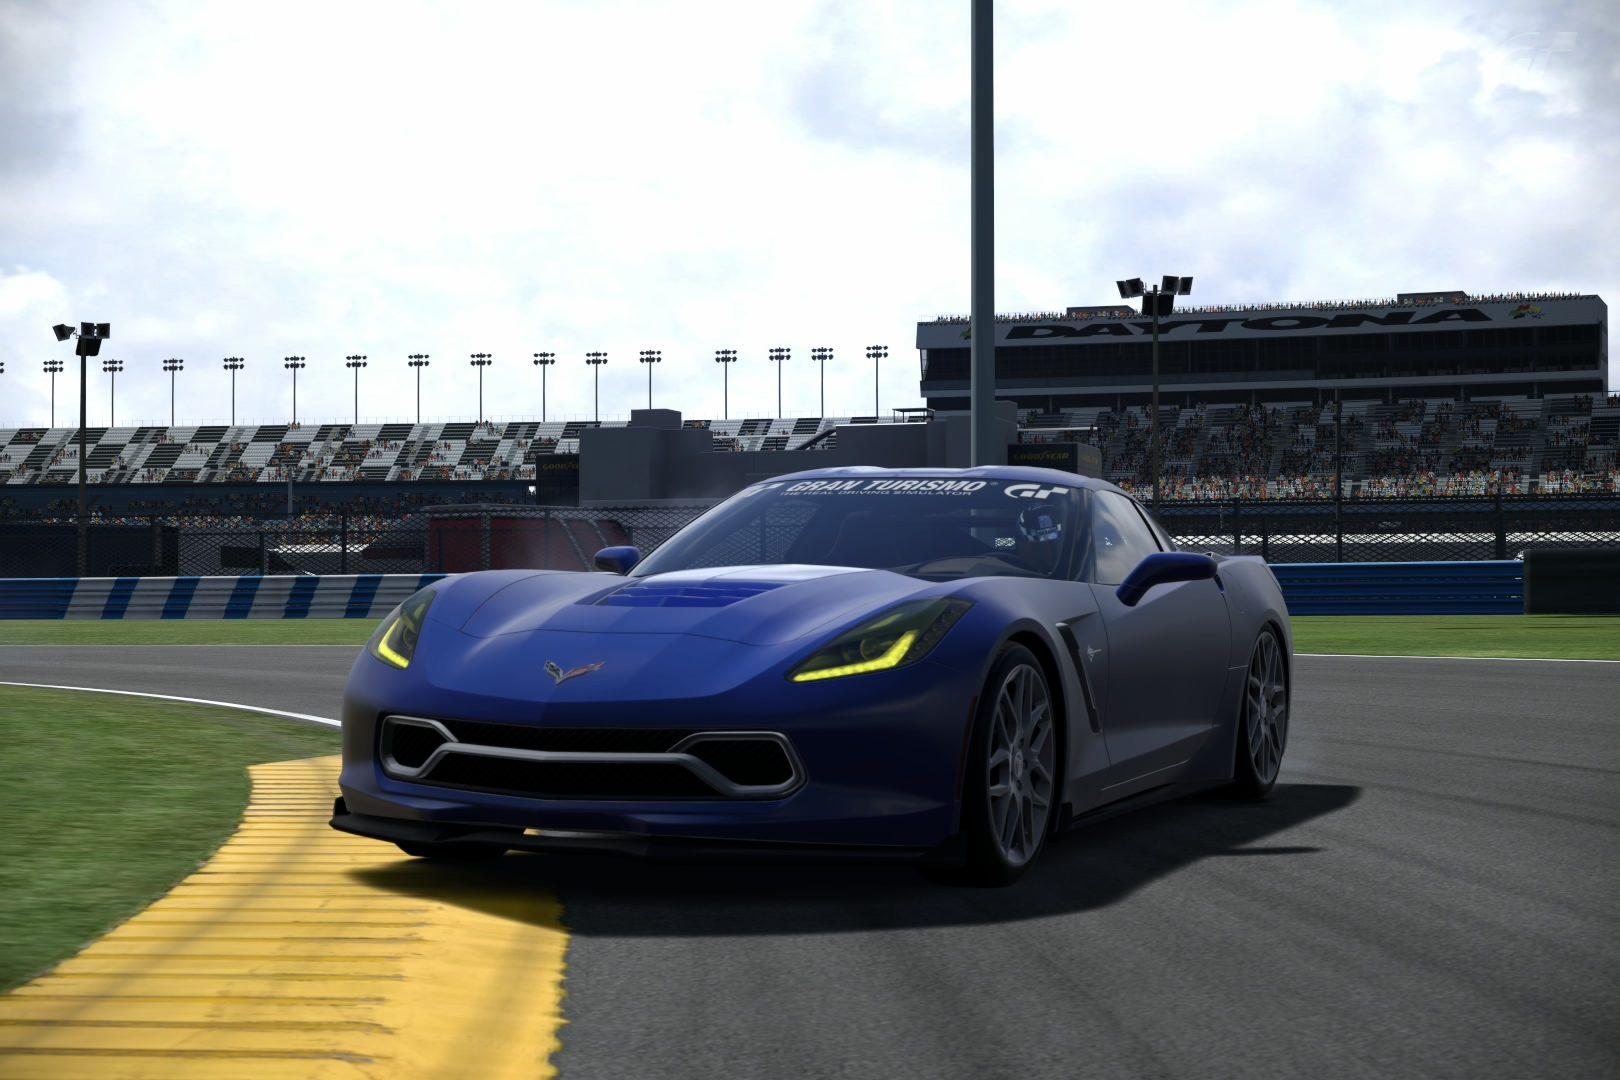 CorvetteGTimg2.jpg